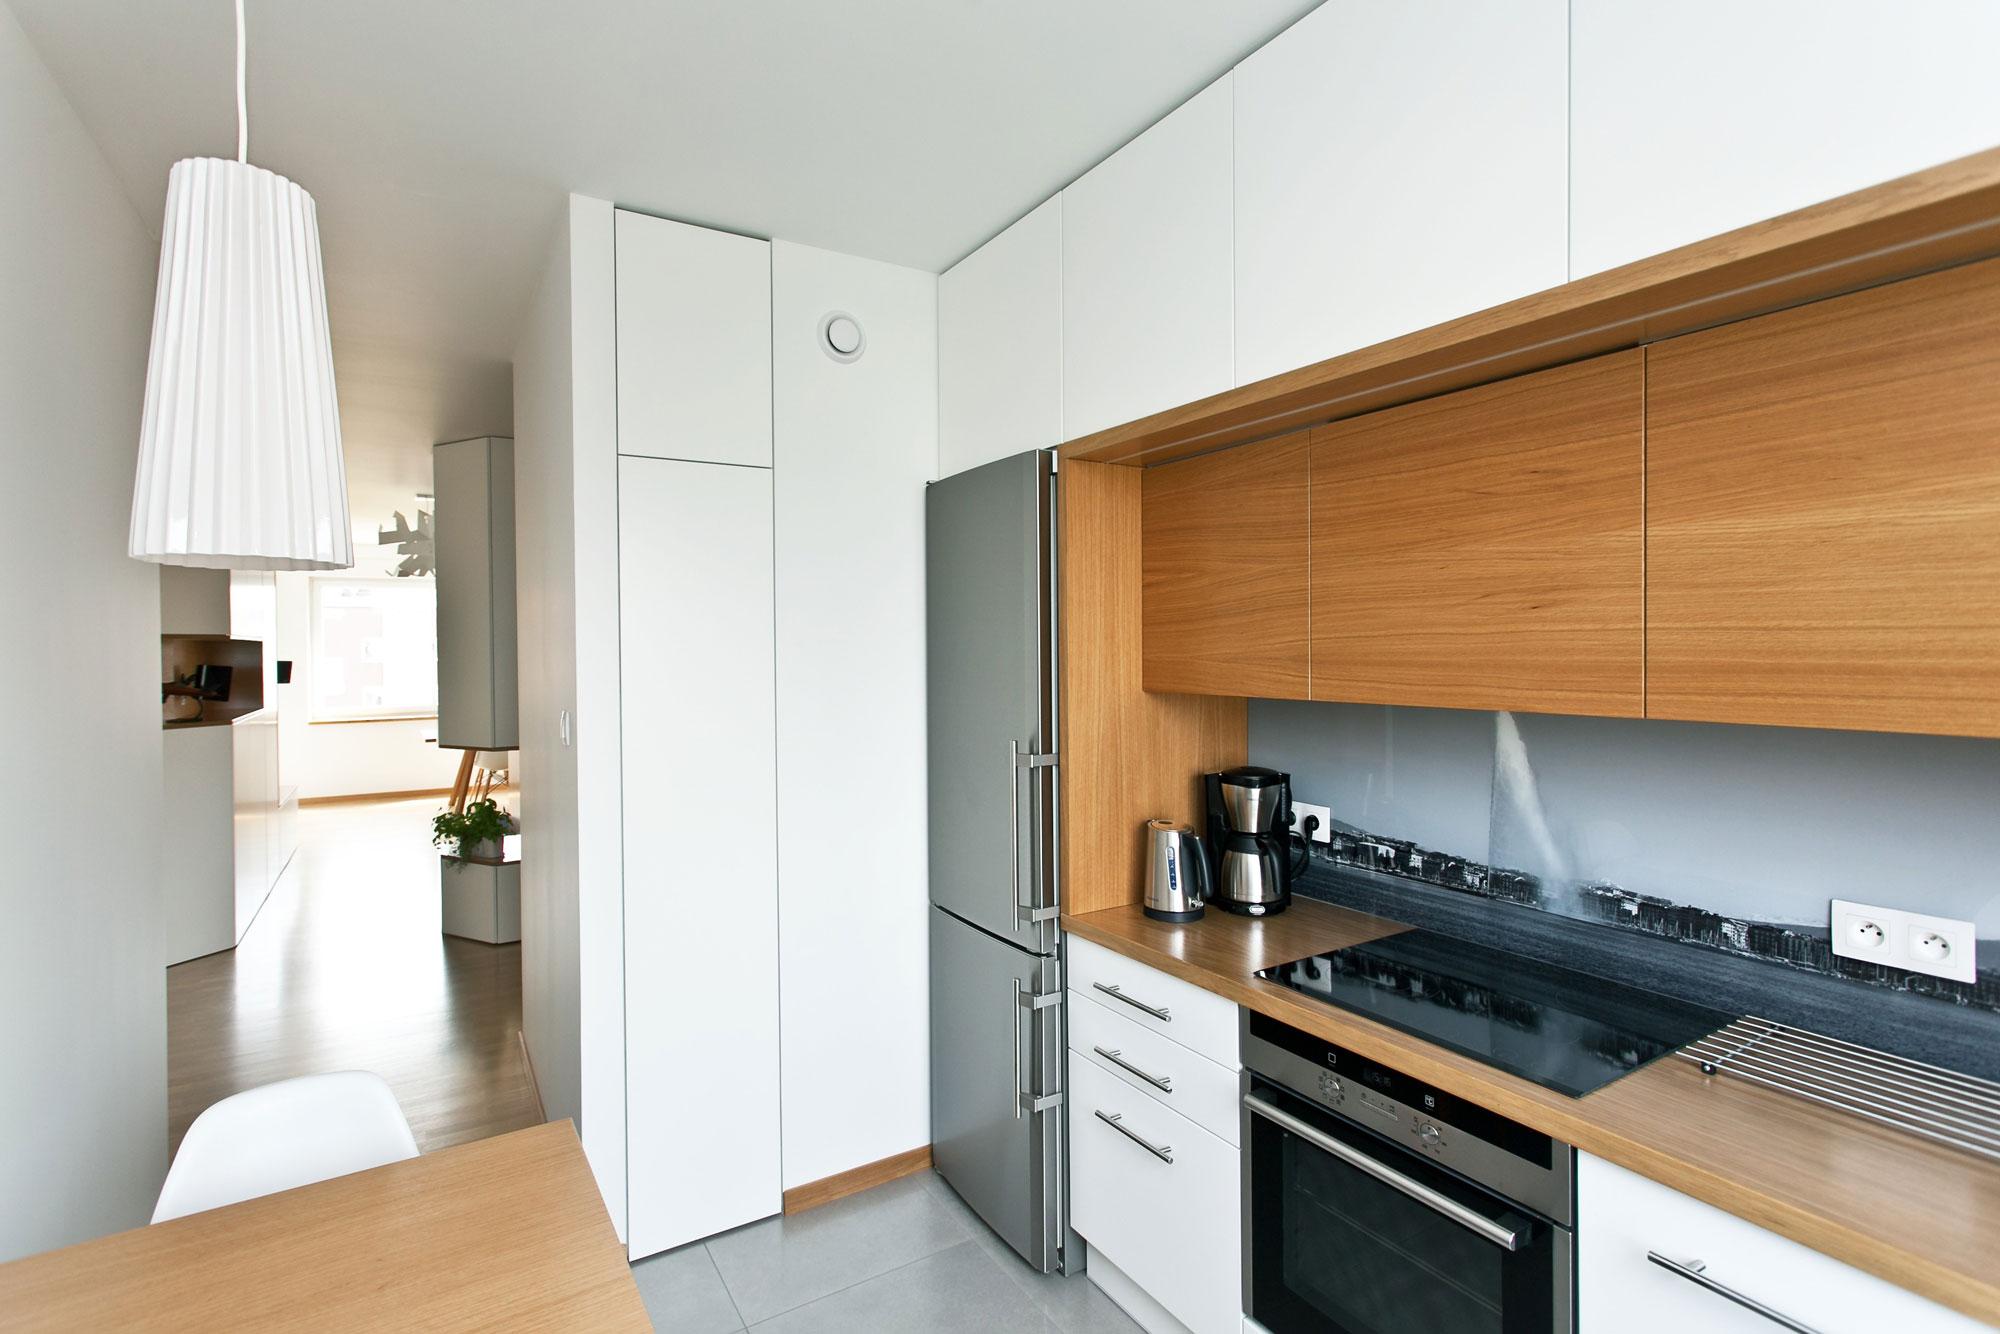 Дизайнерский интерьер небольшой кухни - фото 11